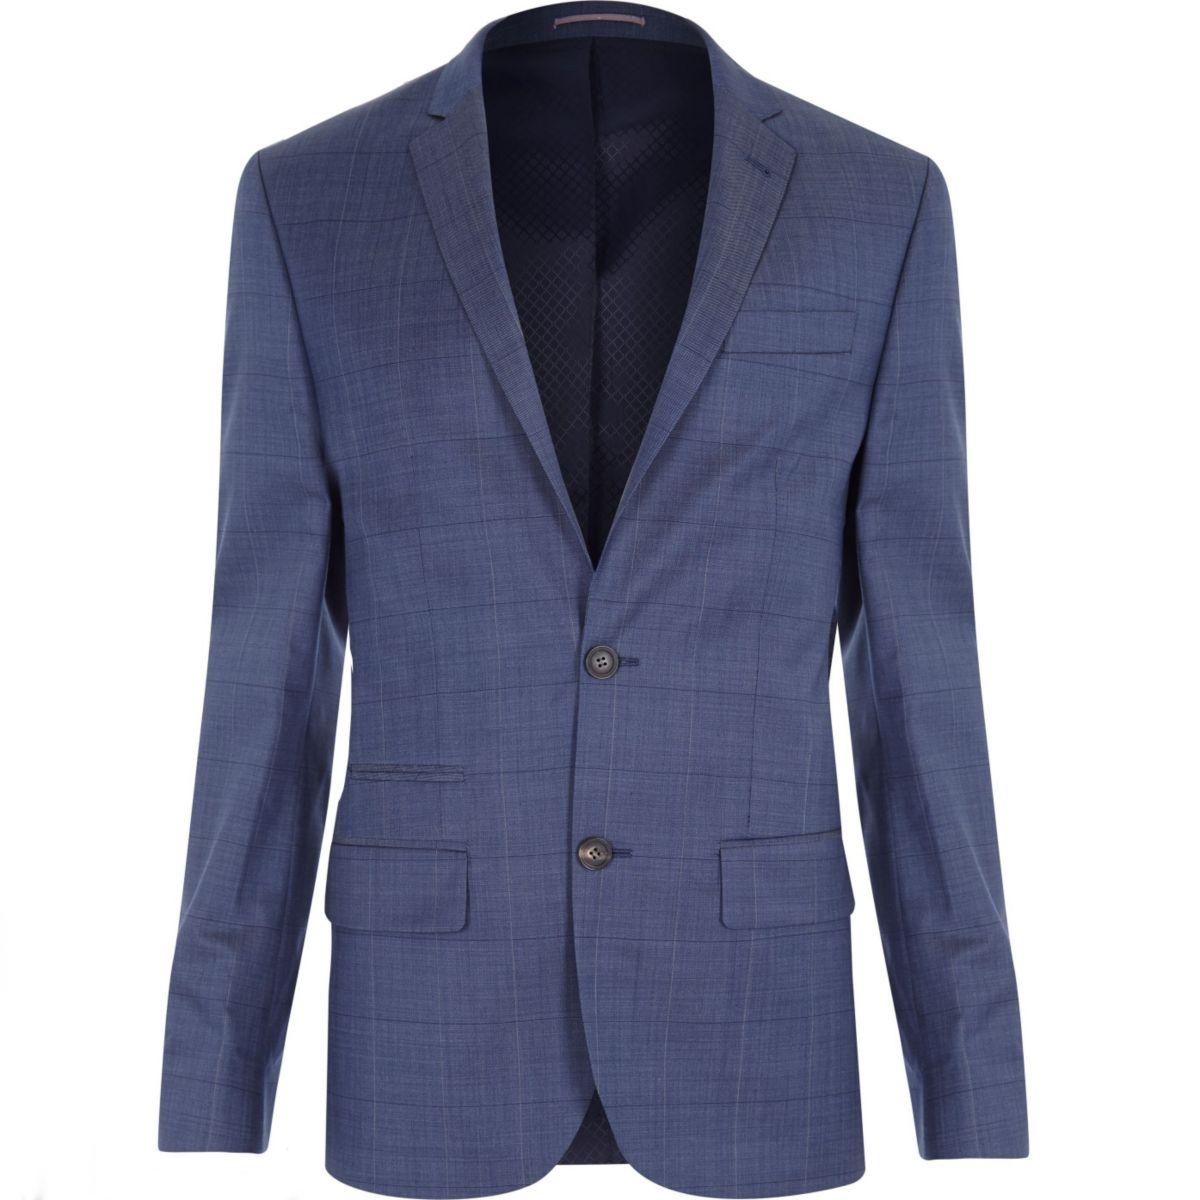 Veste de costume slim à carreaux discrets bleu marine